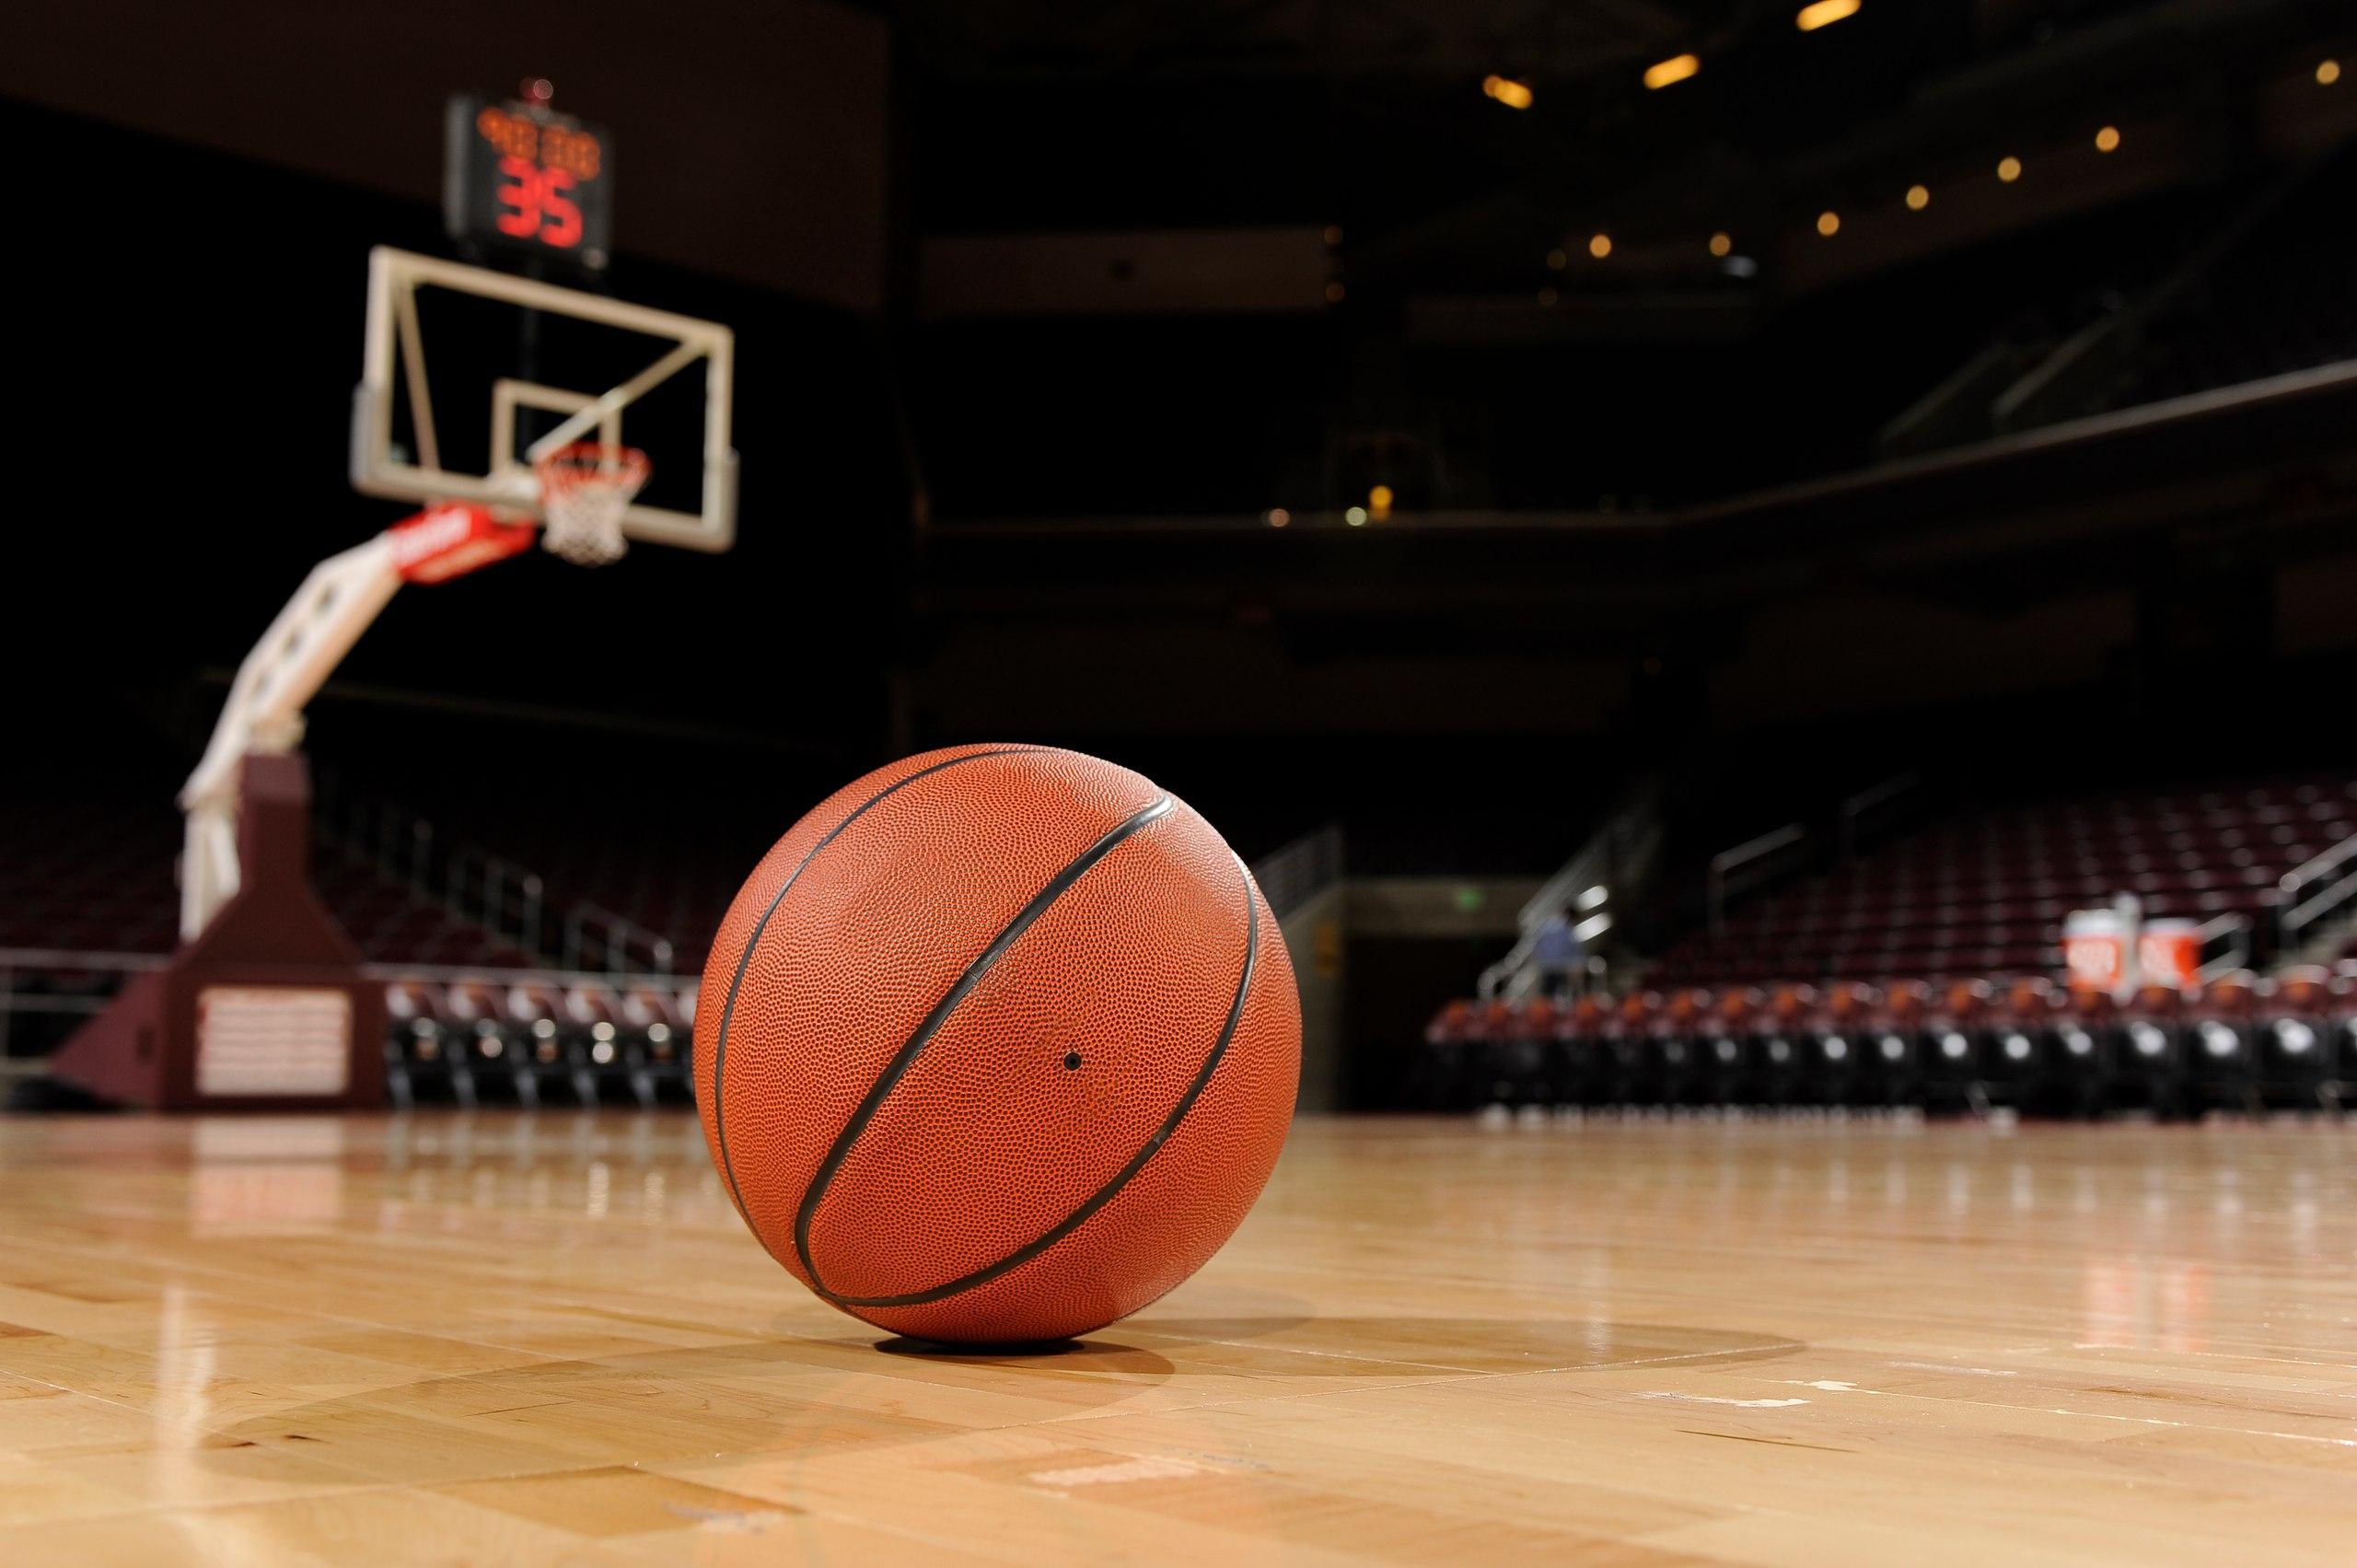 В ФОК Юность определились победители школьной баскетбольной лиги